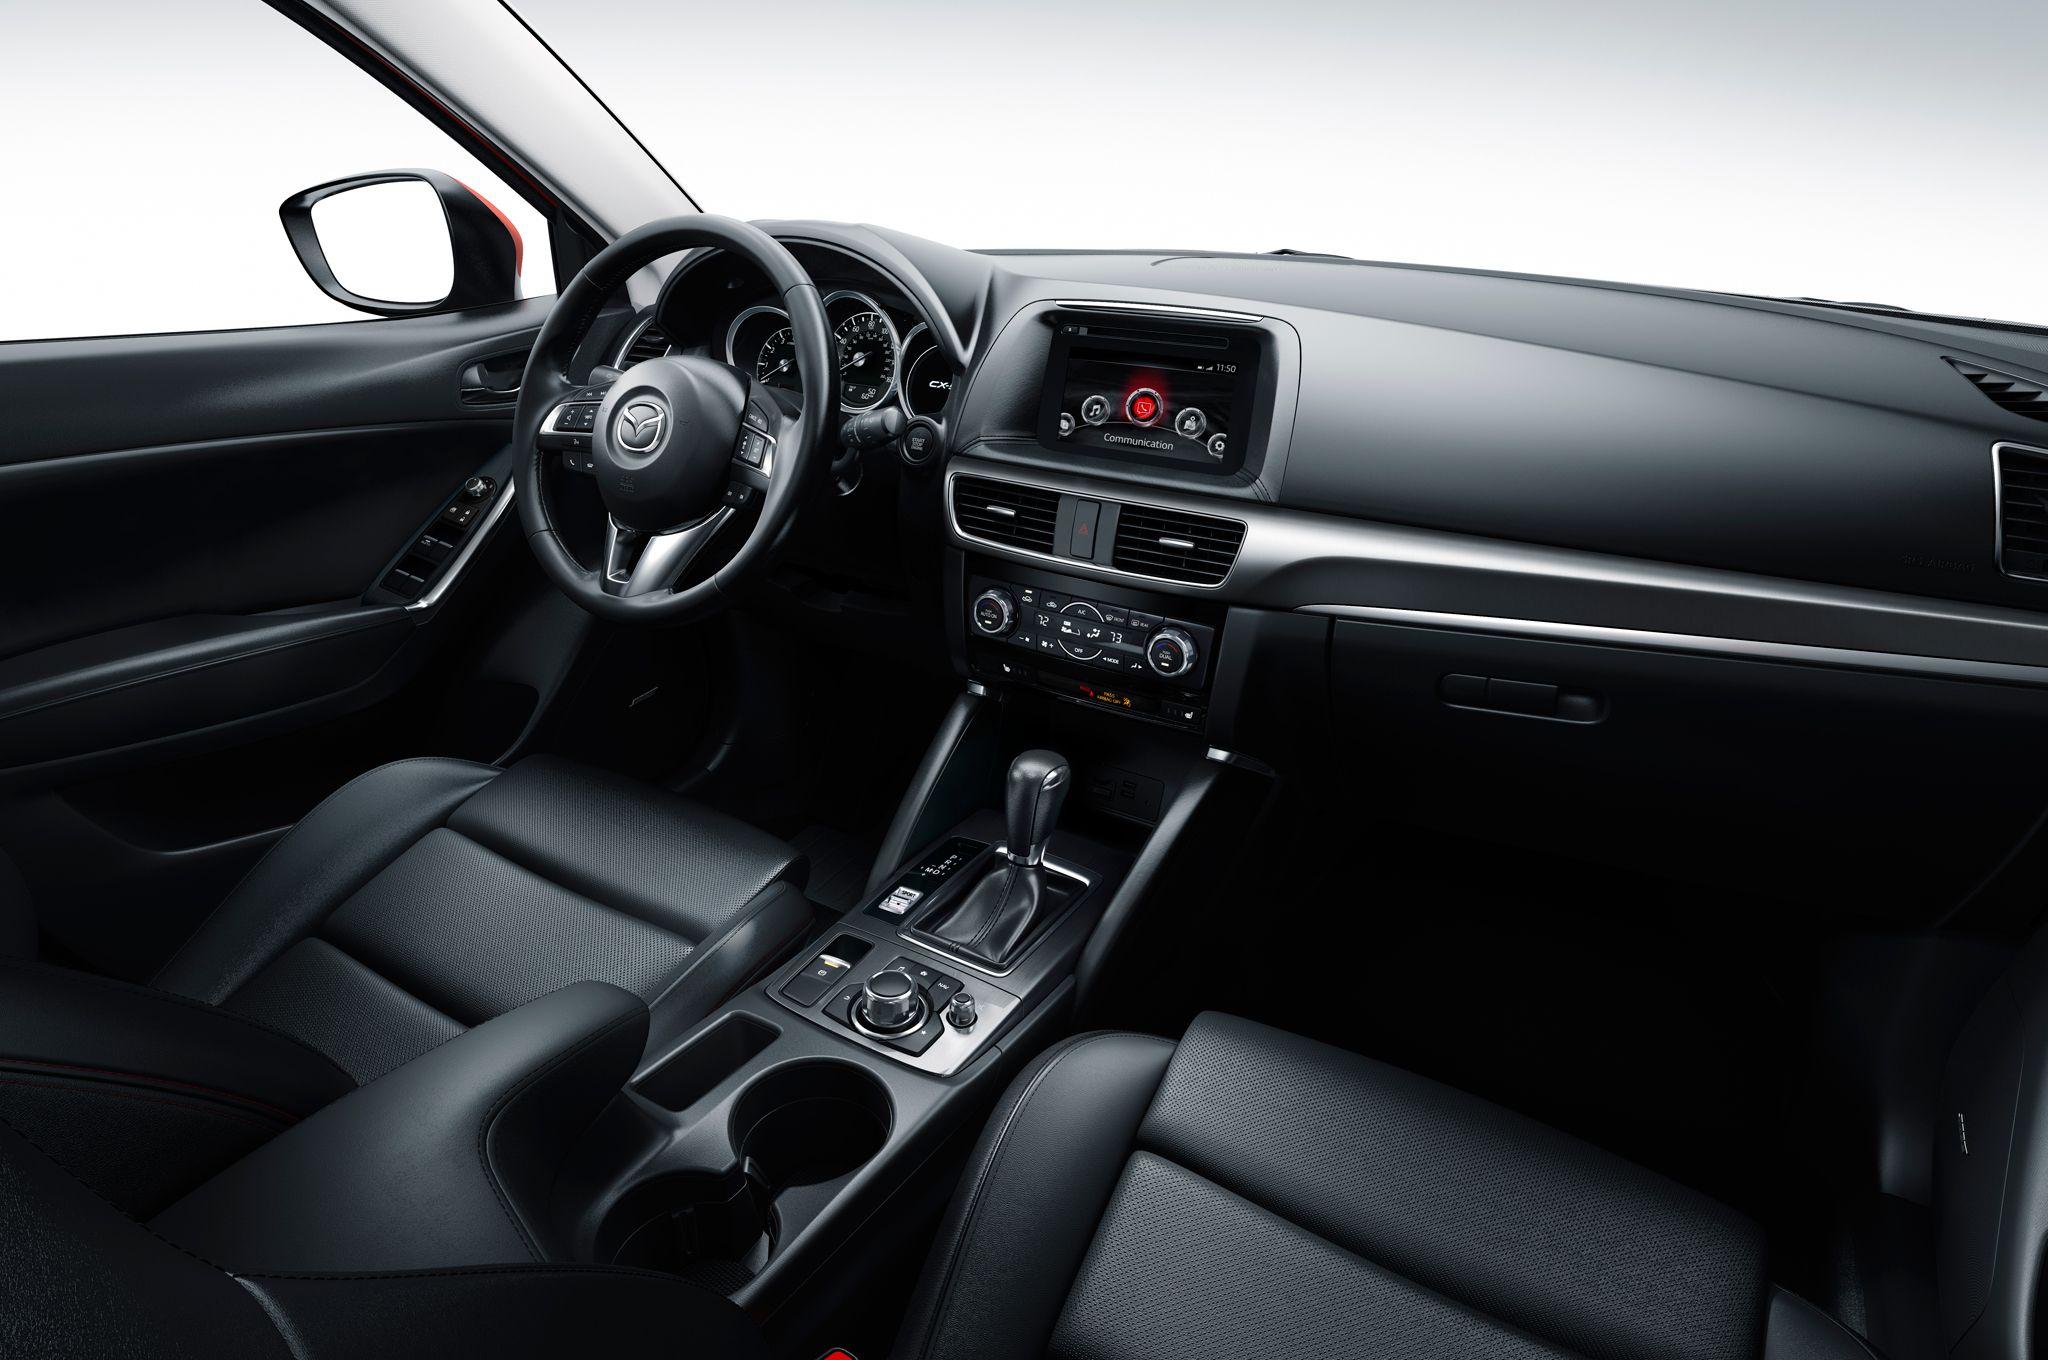 Image Result For Cx 5 Interior Mazda Cx5 Mazda Cx5 Interior Mazda Cx 9